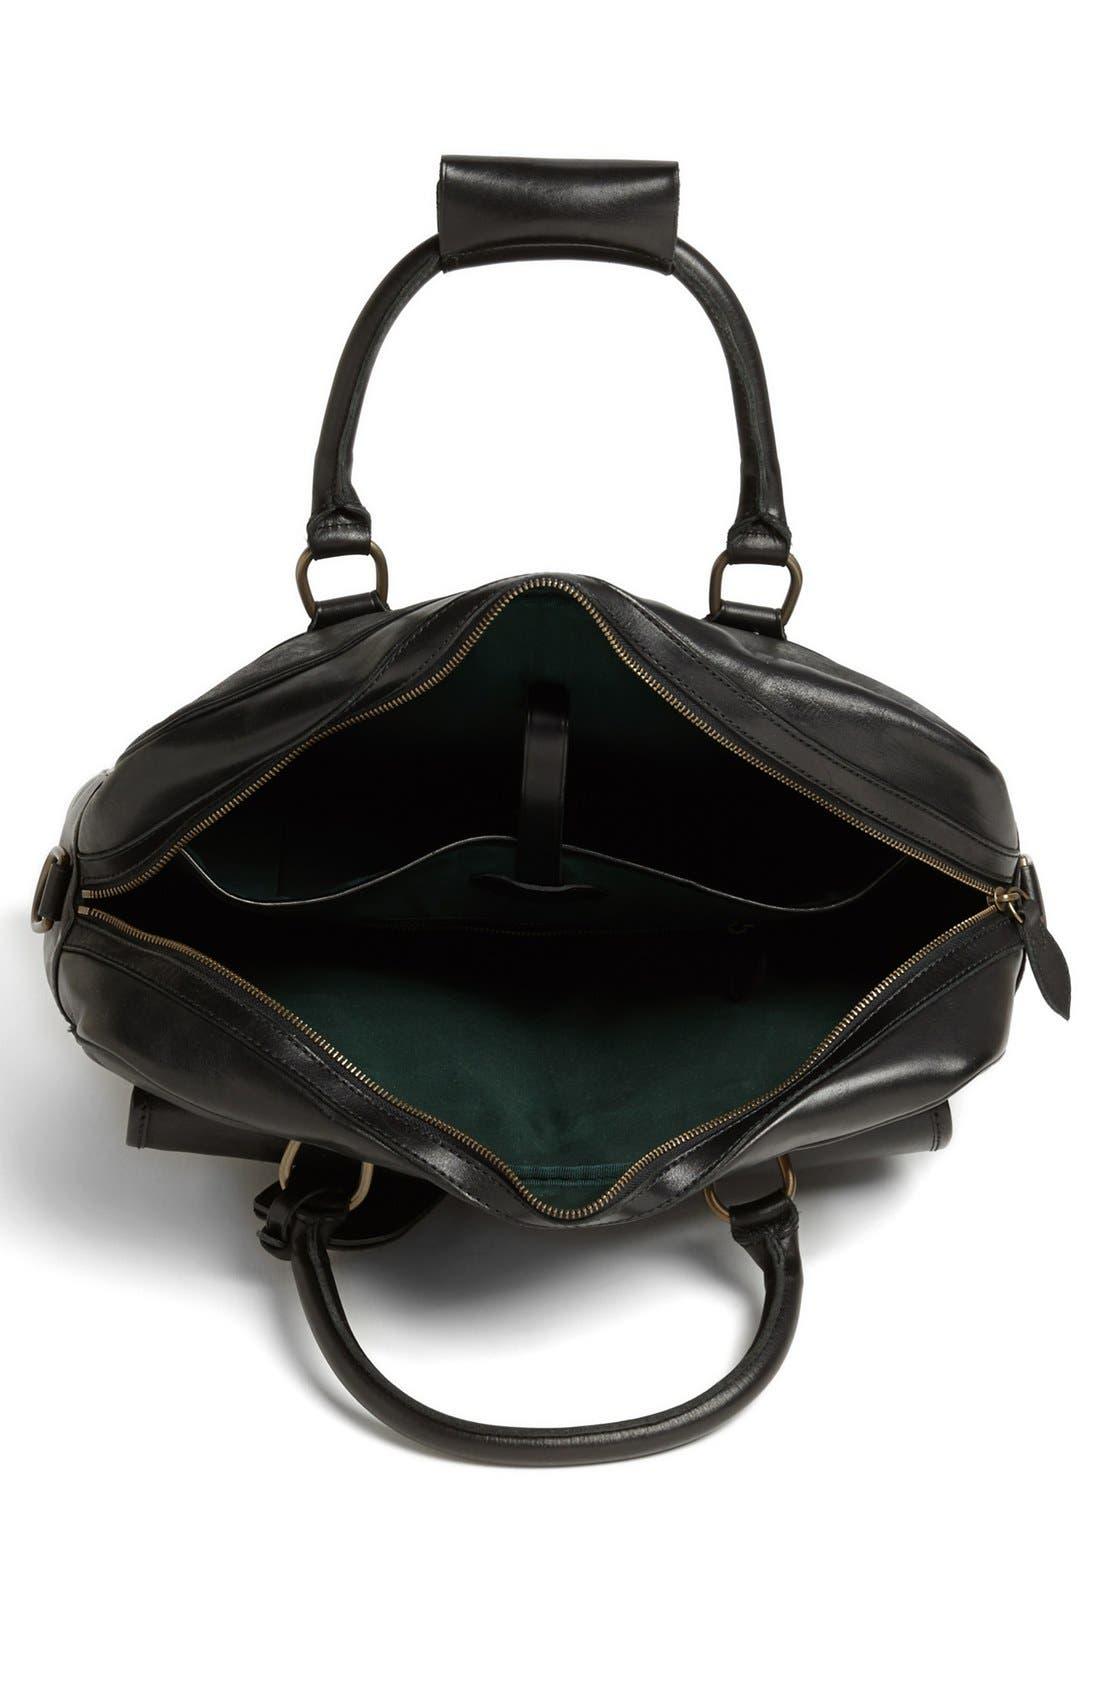 POLO RALPH LAUREN, Leather Commuter Bag, Alternate thumbnail 5, color, 001